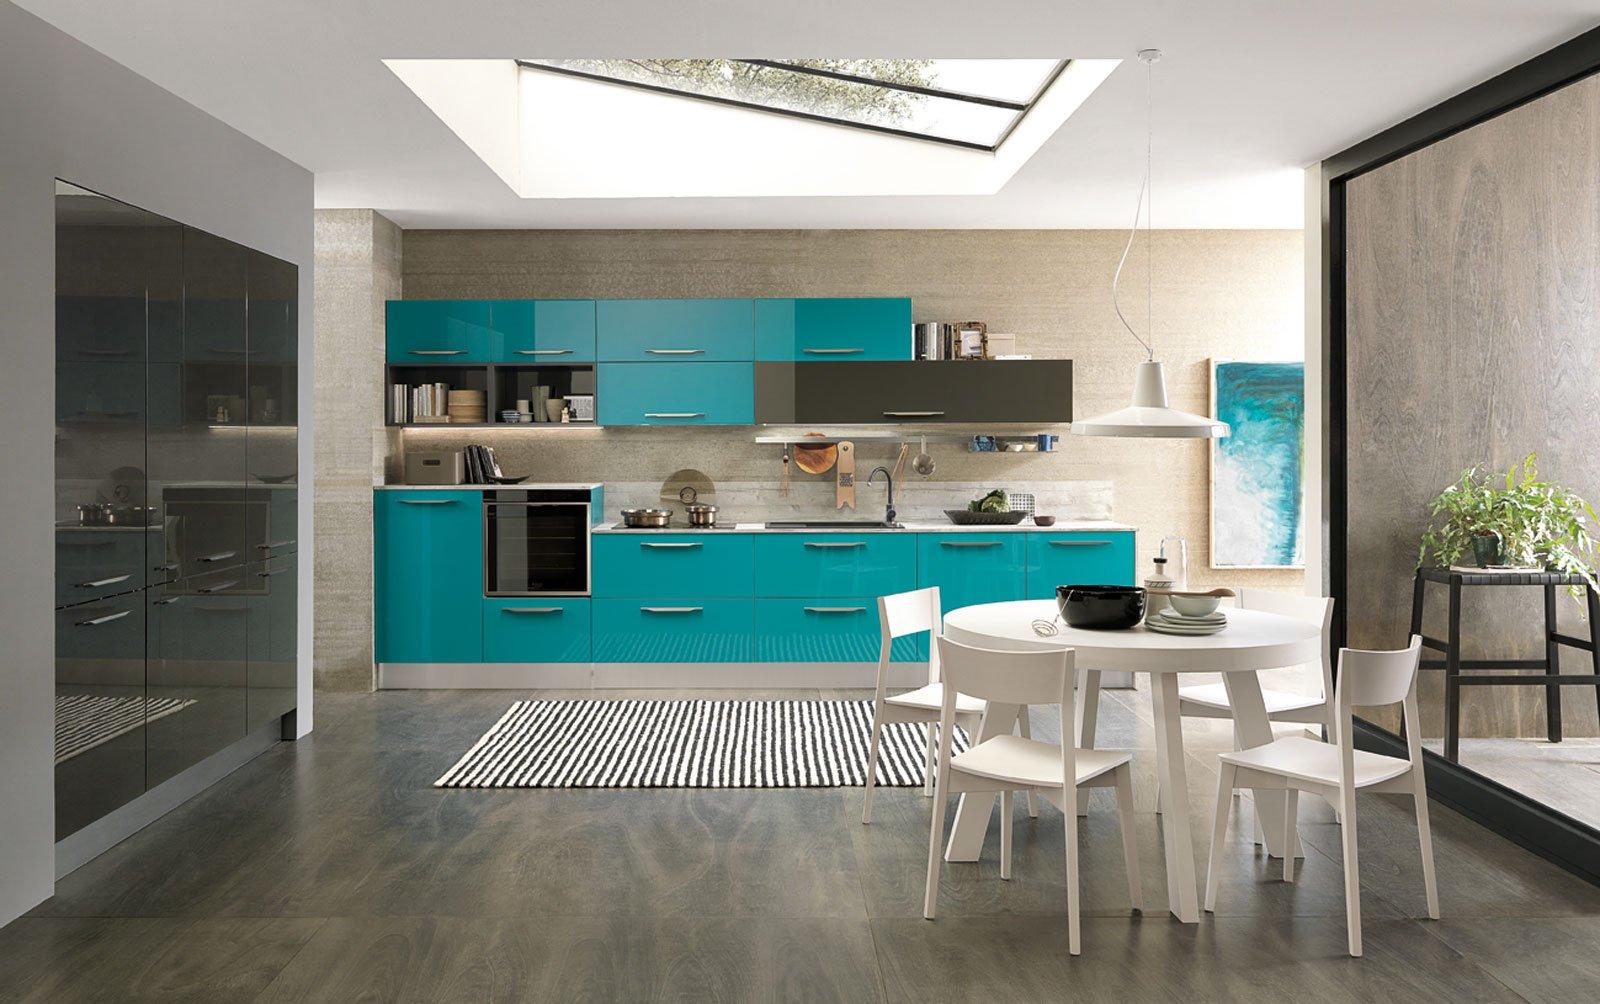 Di Febal è Proposta In Una Gamma Di Oltre 50 Colori Ed è Completa Di  #148287 1600 1004 Layout Di Cucina Design